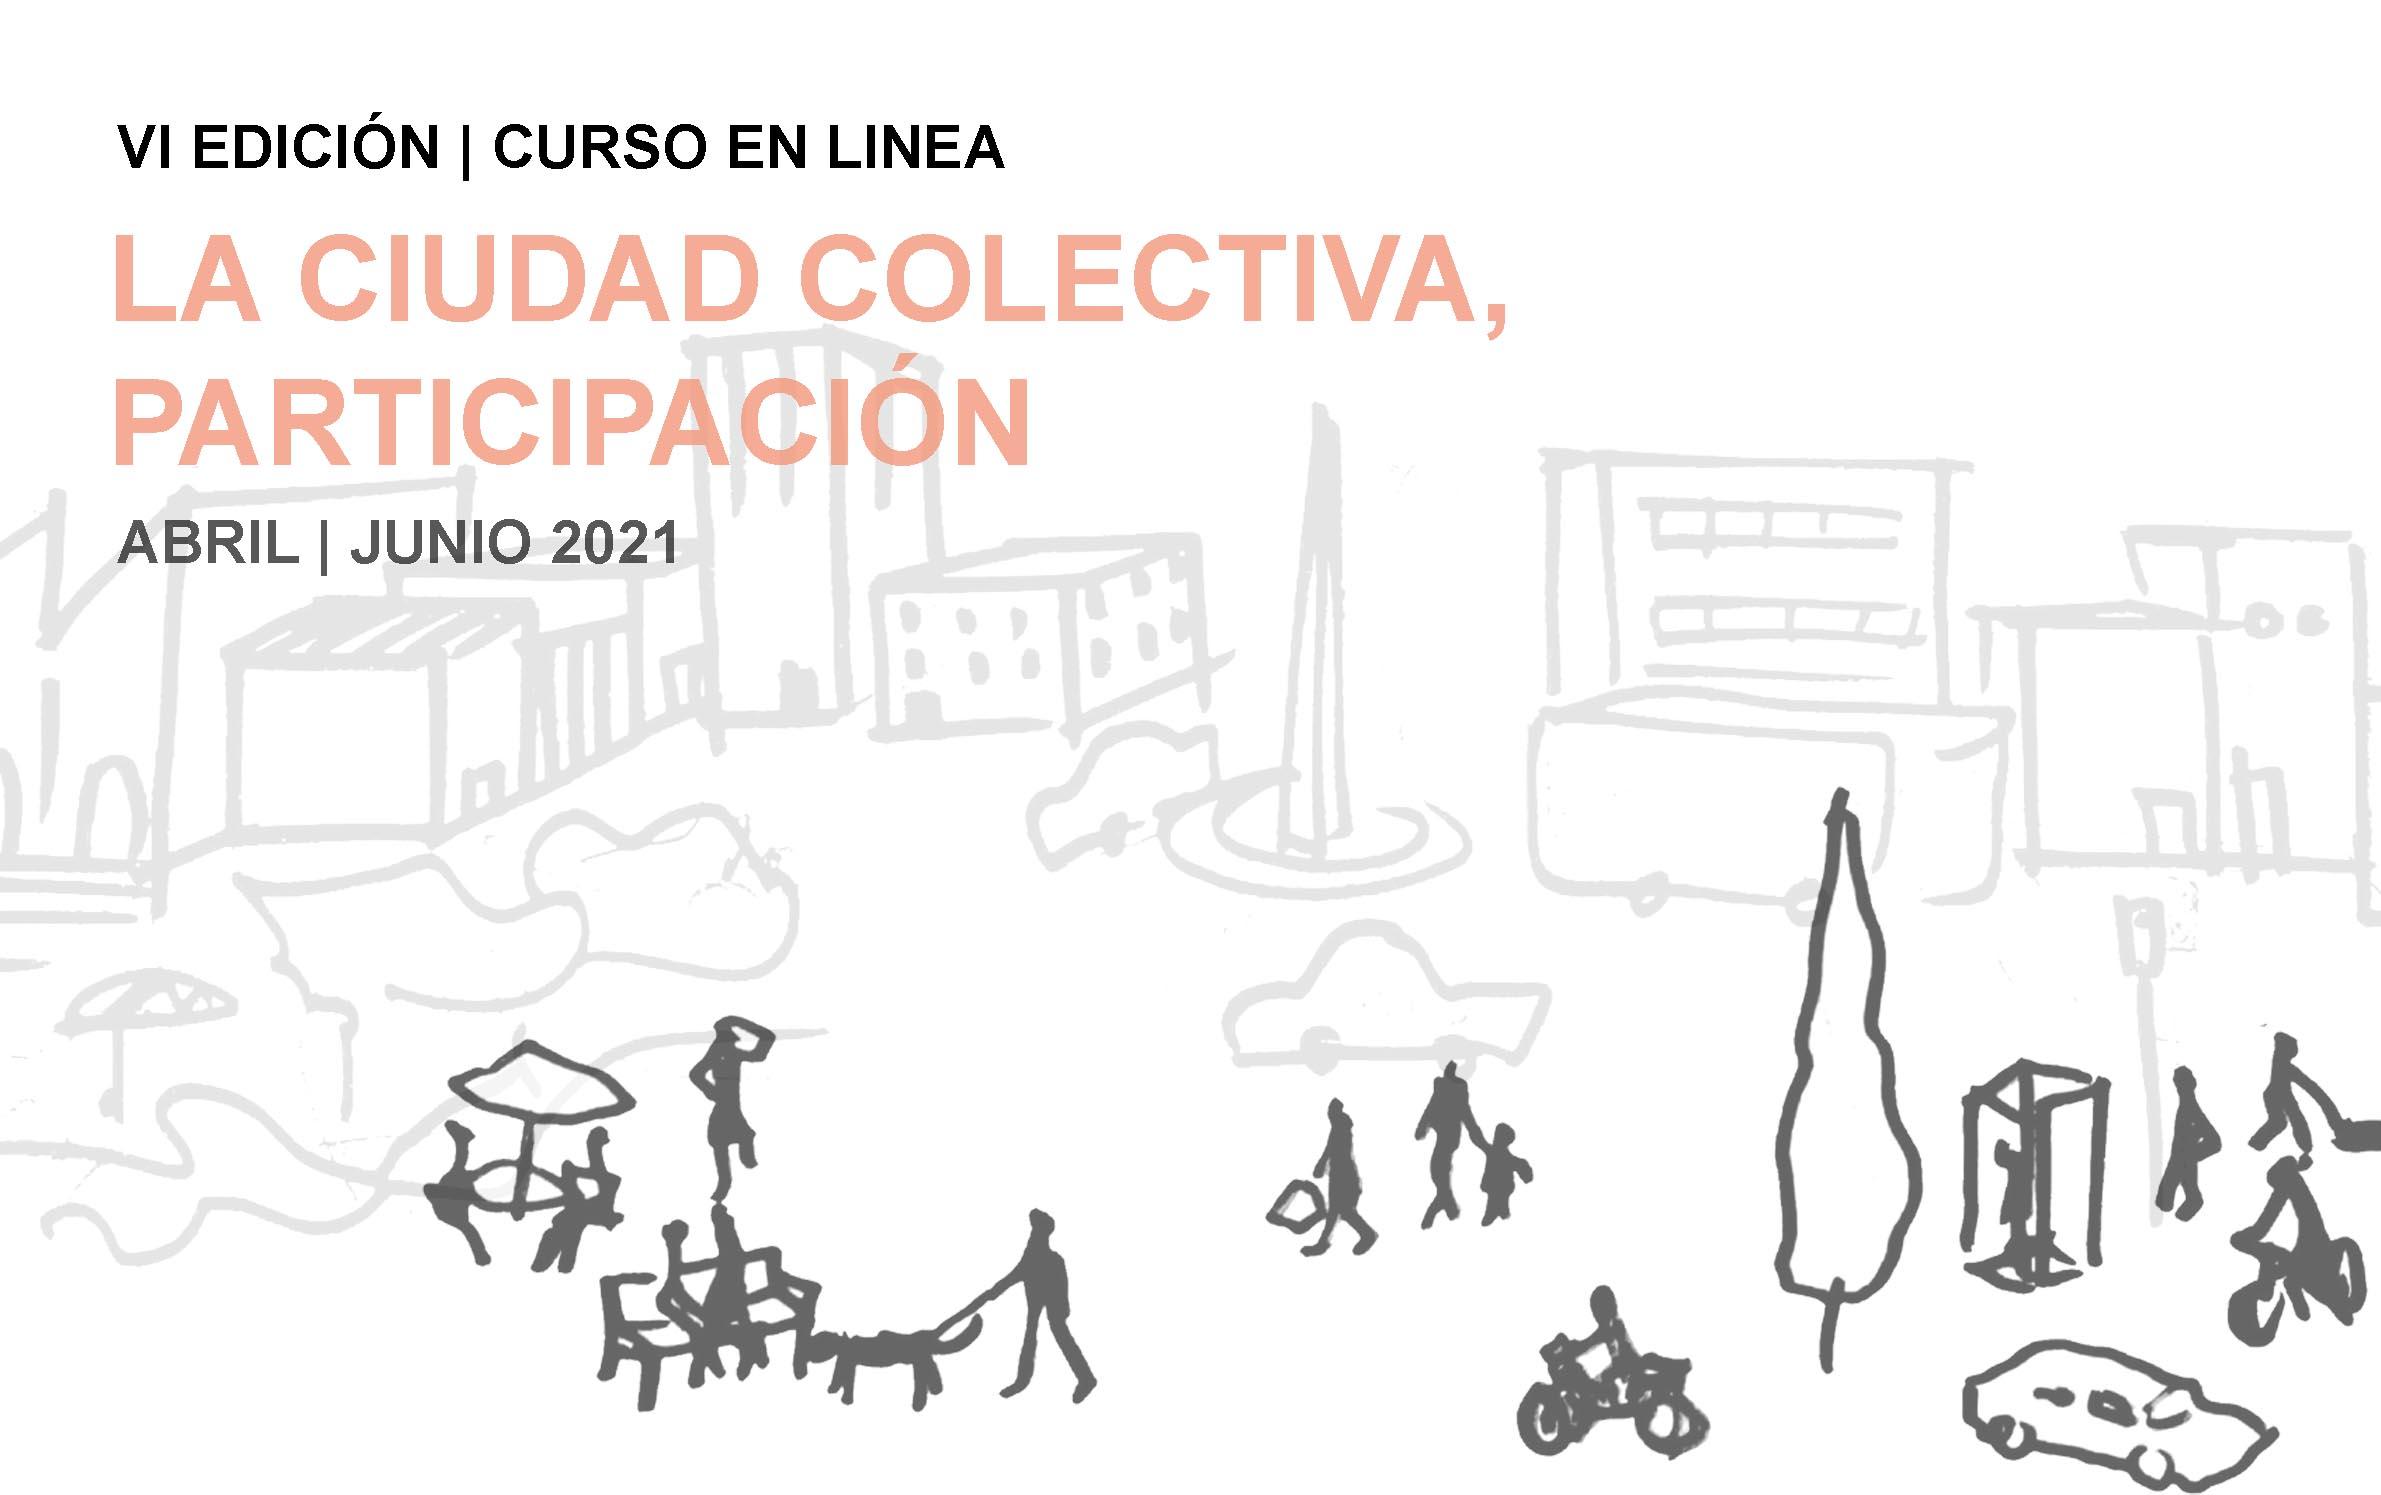 VI EDICIÓN: LA CIUDAD COLECTIVA, PARTICIPACIÓN